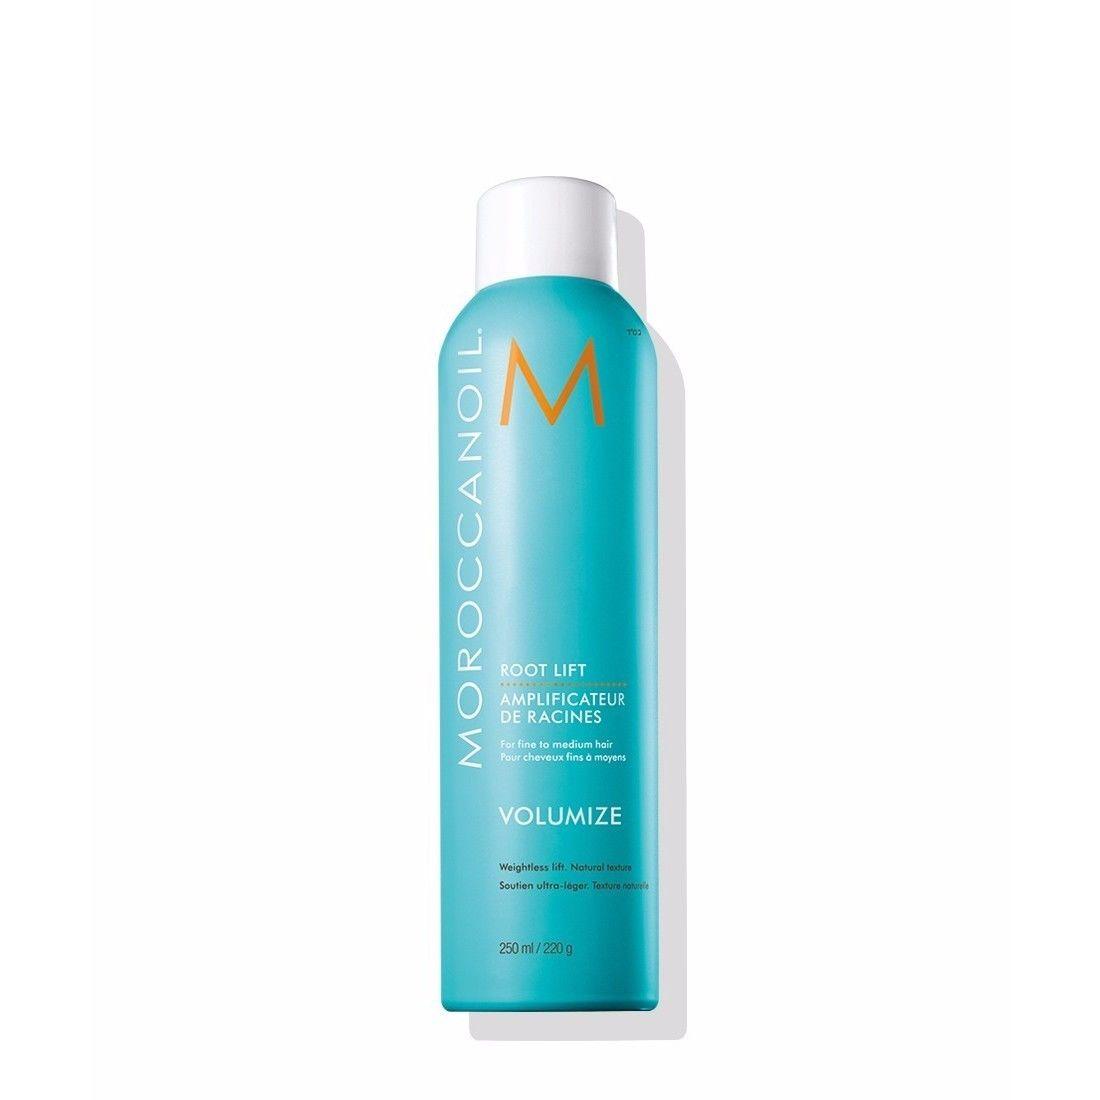 モロッカンオイル Moroccanoilルートリフト250ml 髪の根元からしっかりとした立ち上げを与え、質感のあるベースをつくるベーススタイリング剤